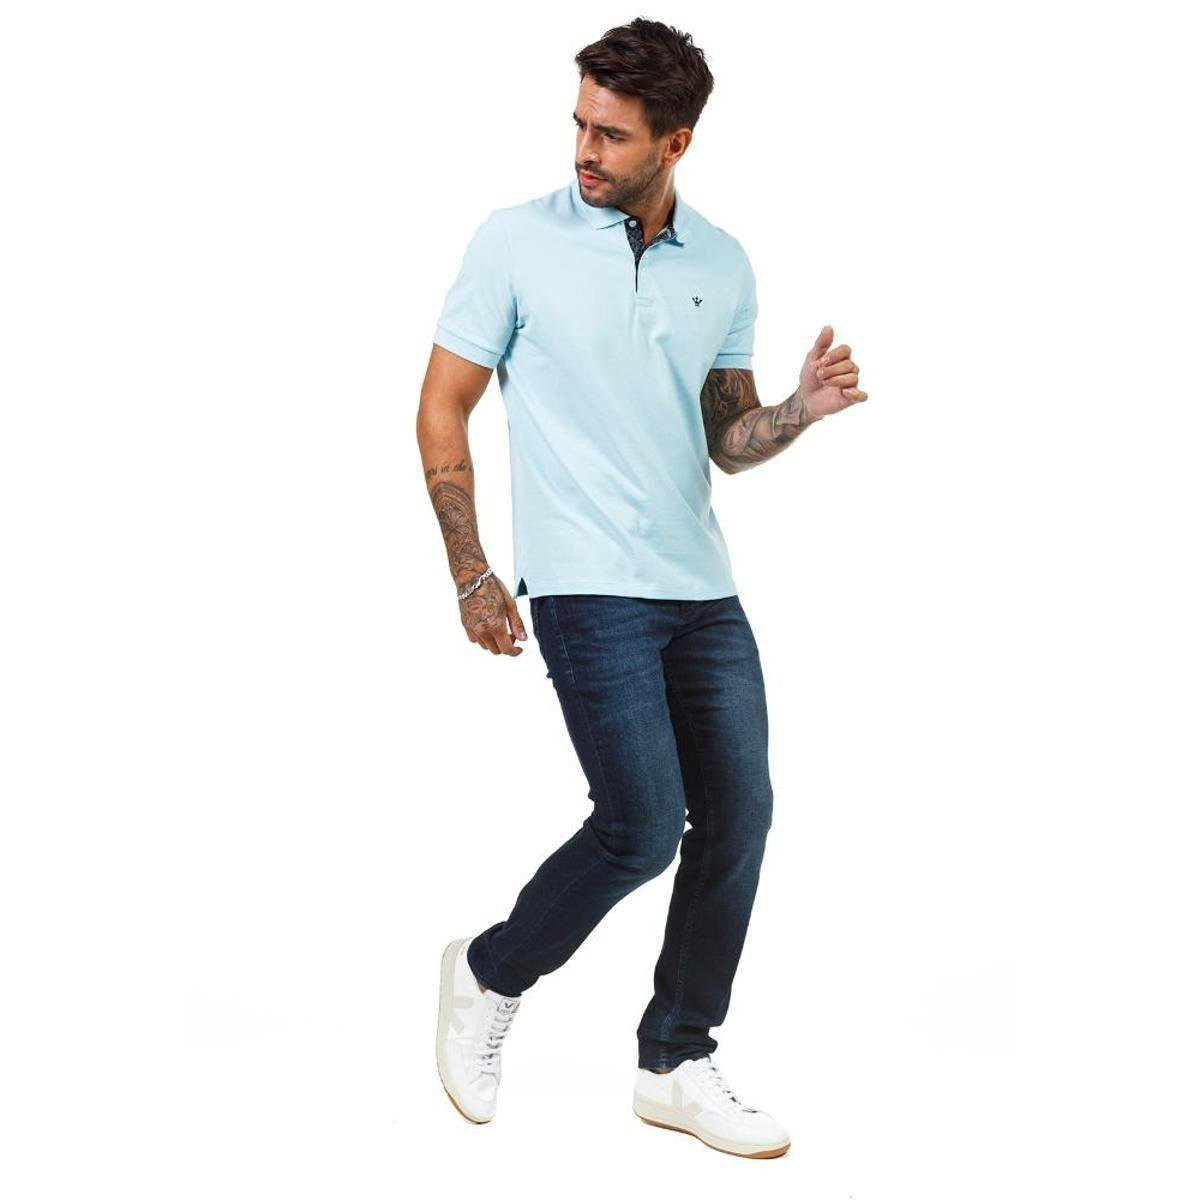 Calça Docthos Jeans Masculina - Azul e Preto